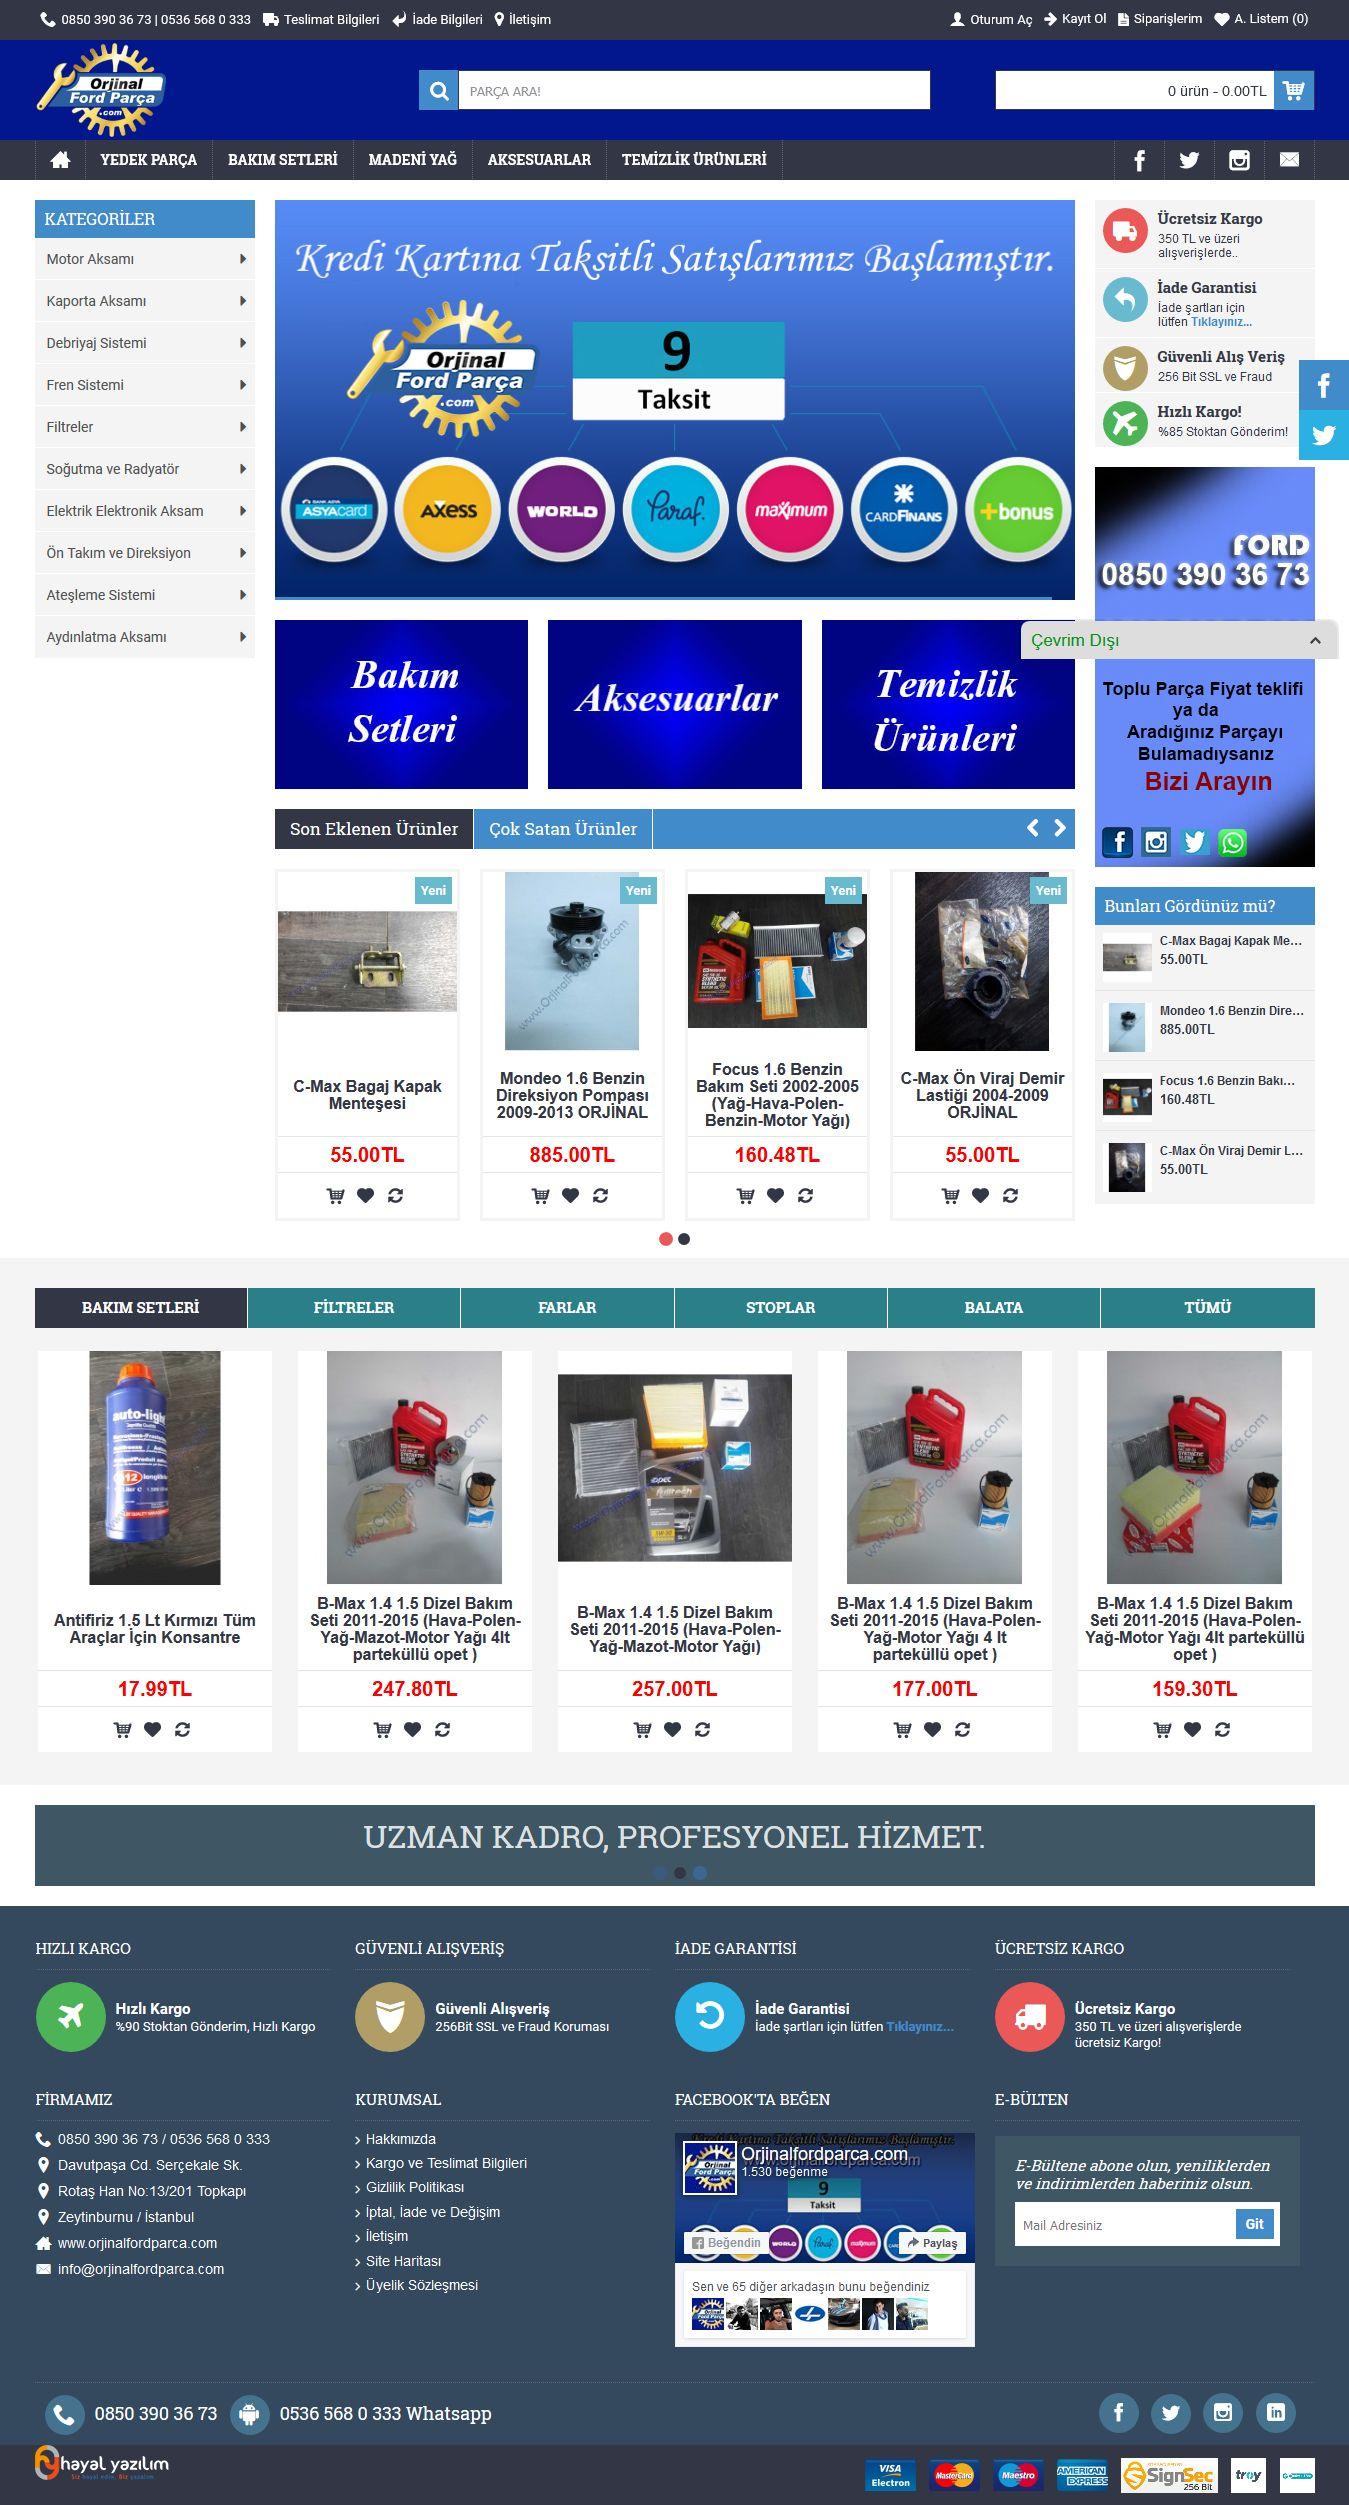 E-Ticaret : www.OrjinalFordParca.com